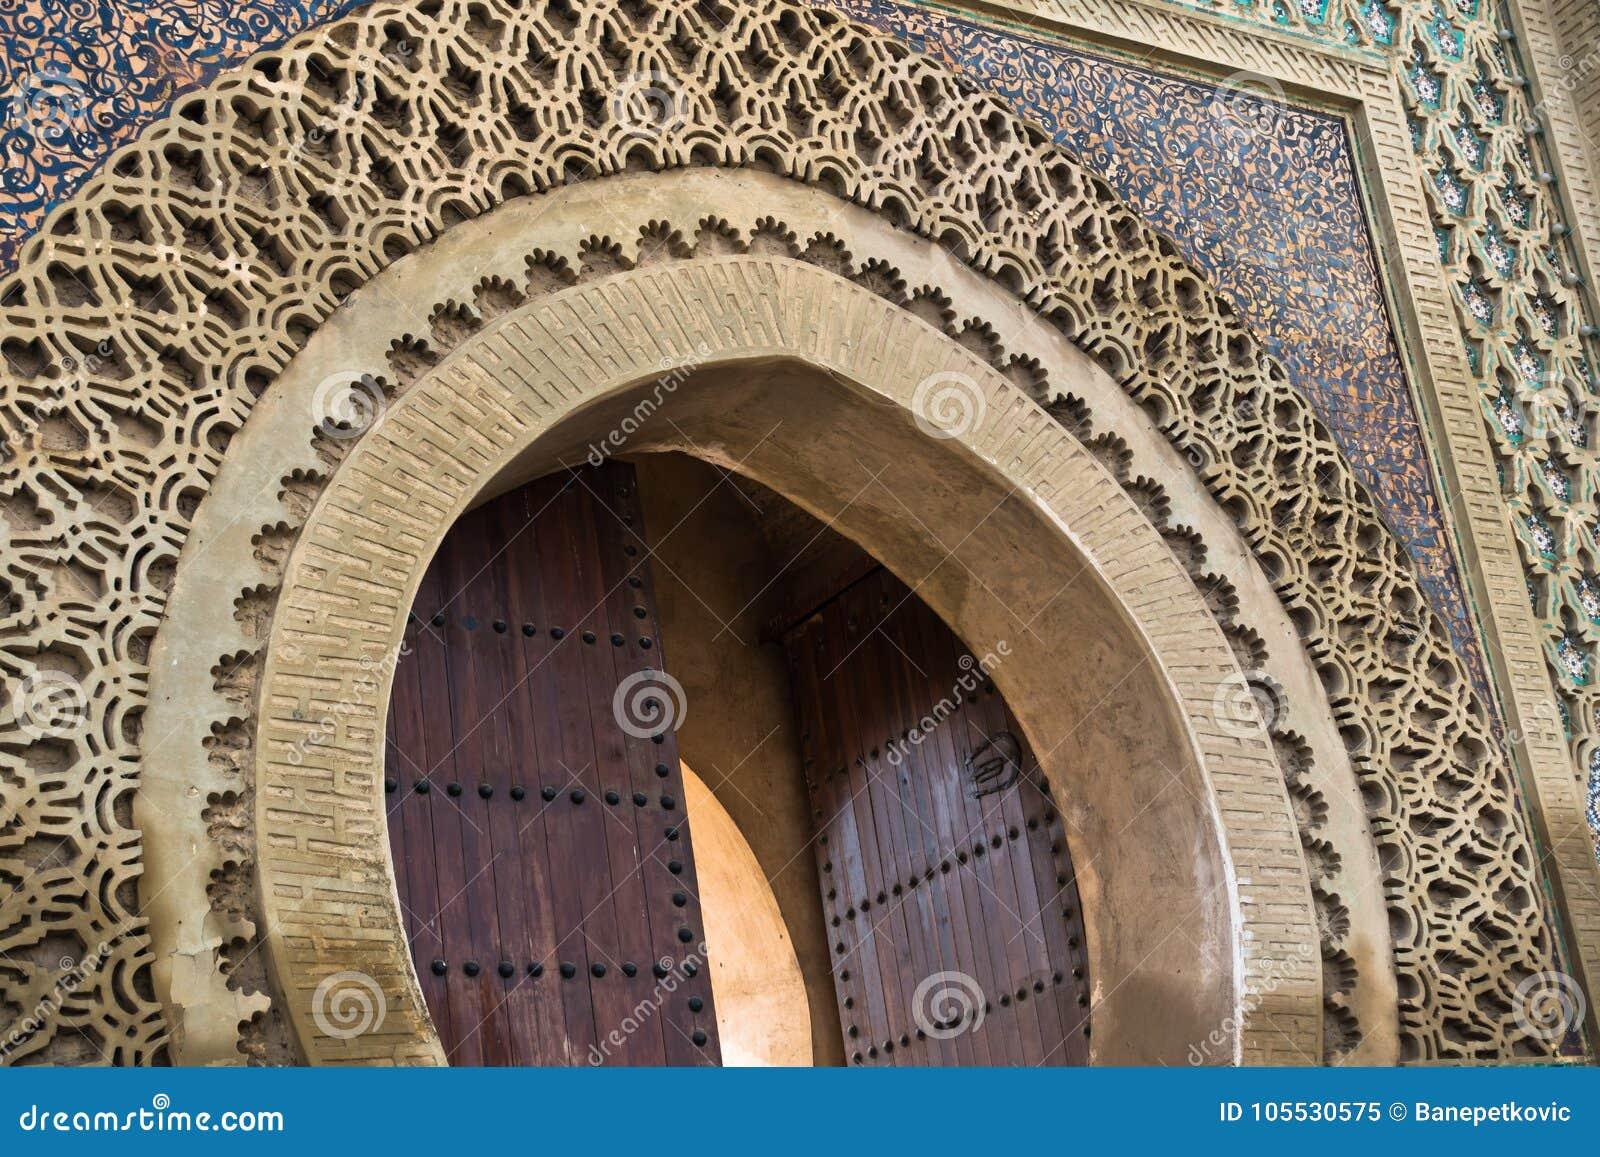 Dettaglio di bab mansour gate al quadrato di el hedime decorato con